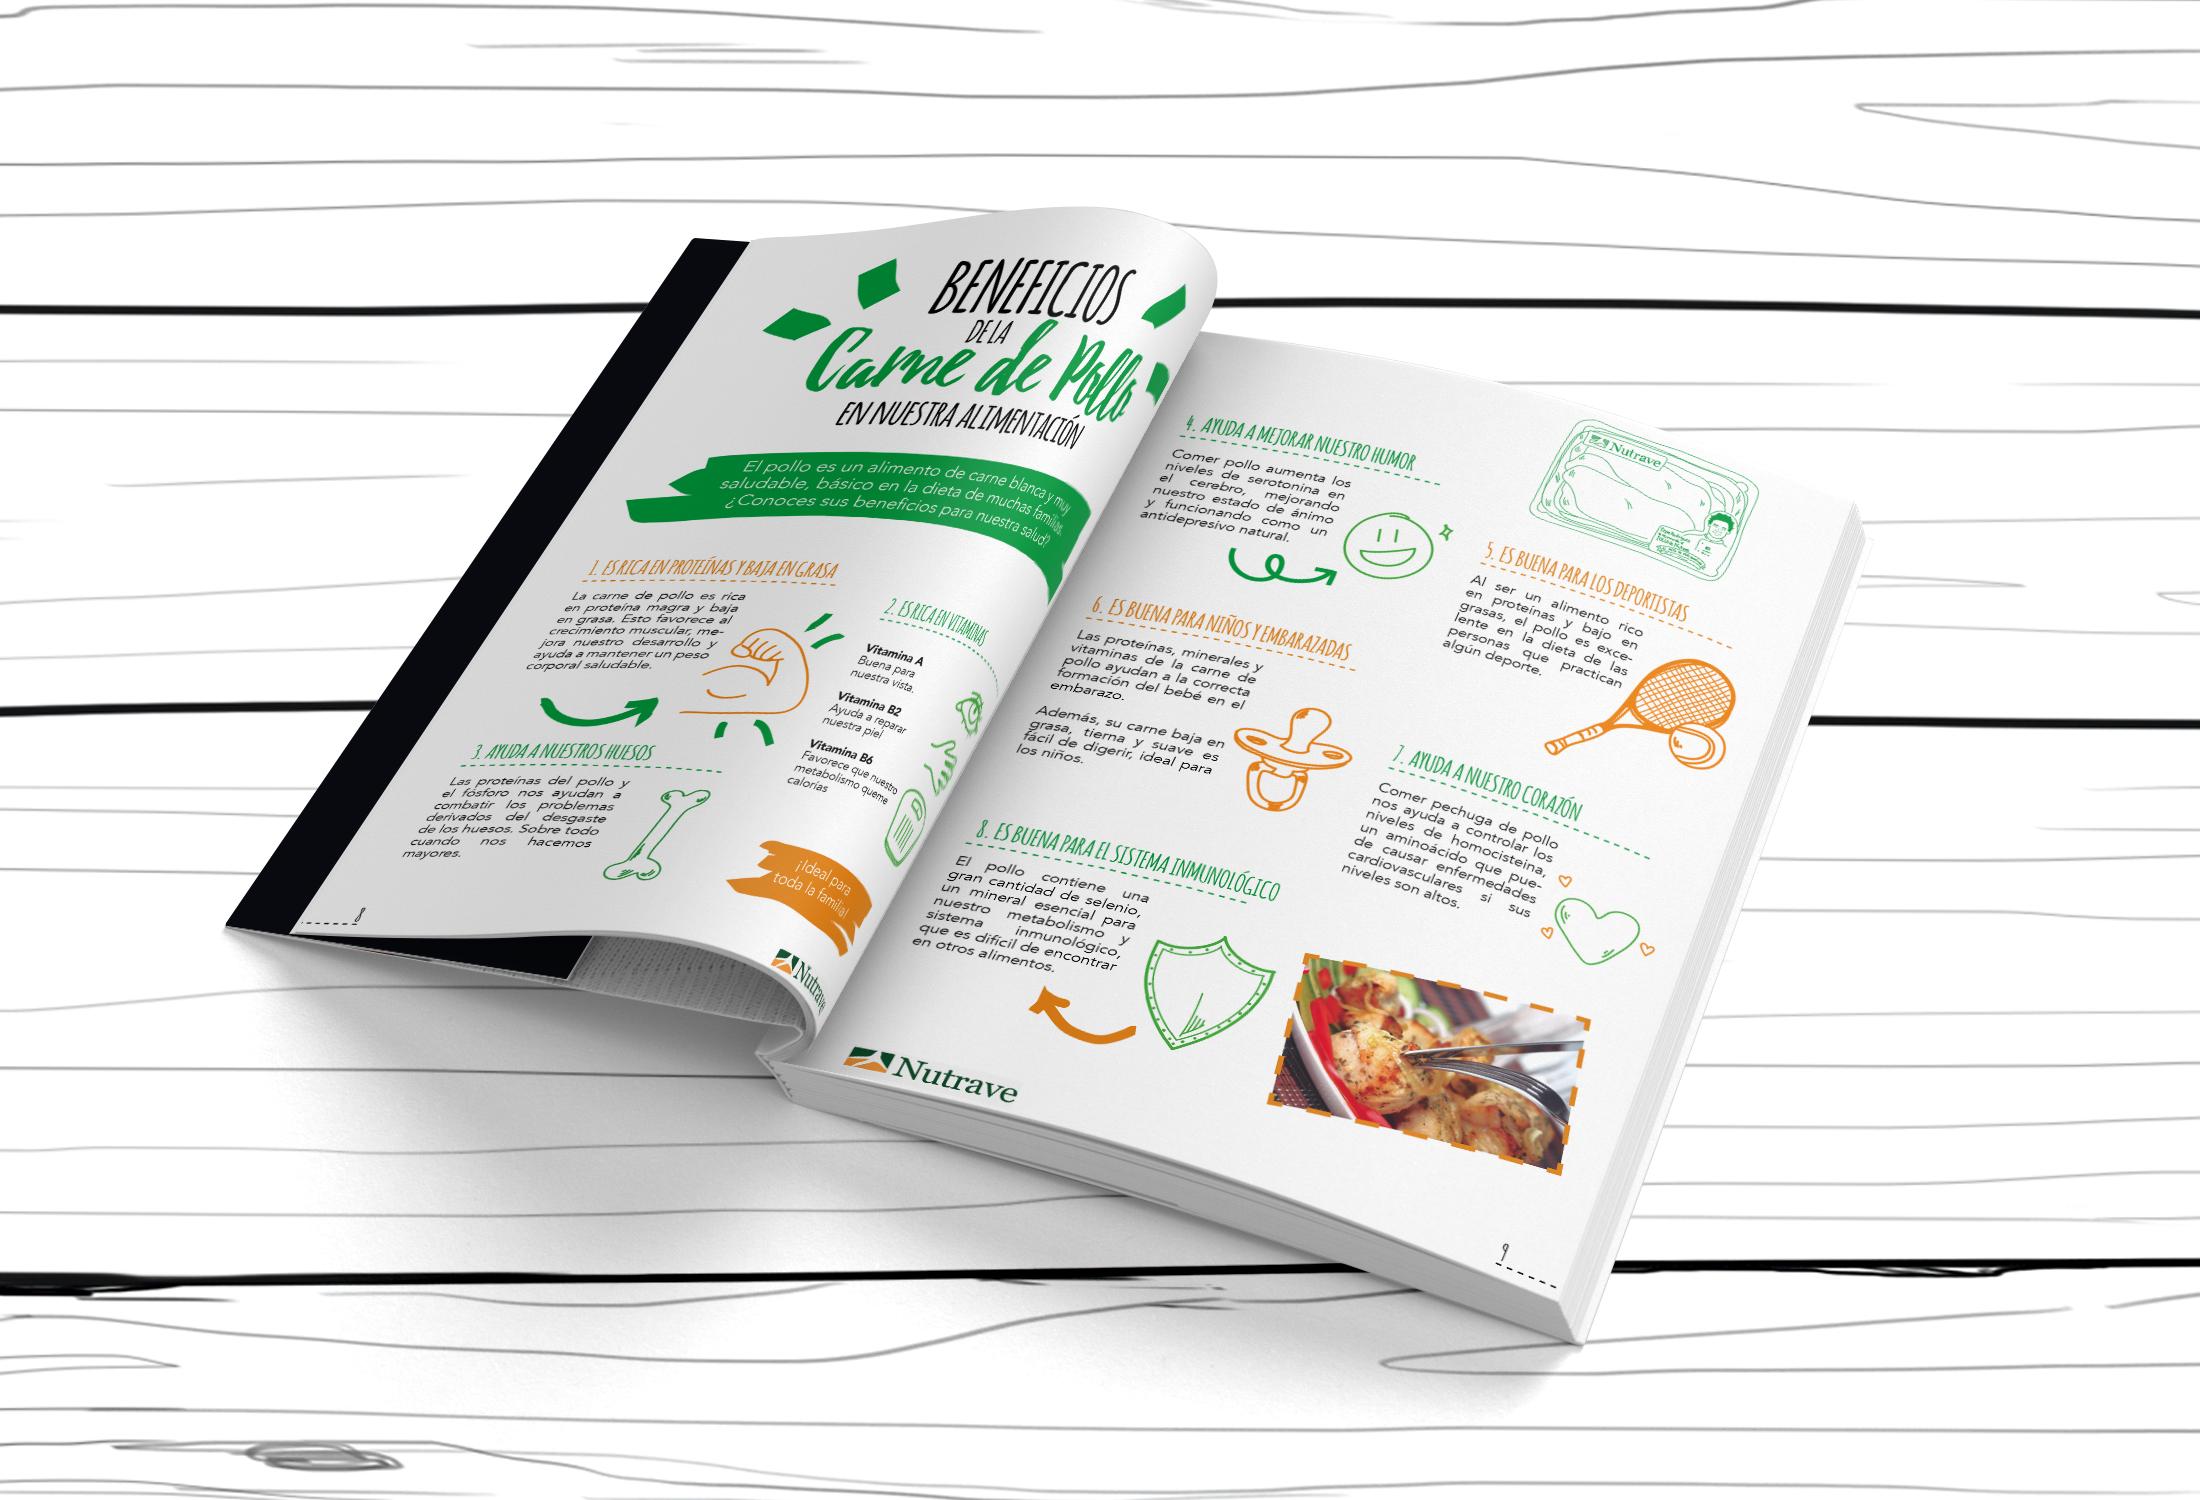 Beneficios del pollo - Libro de recetas Nutrave